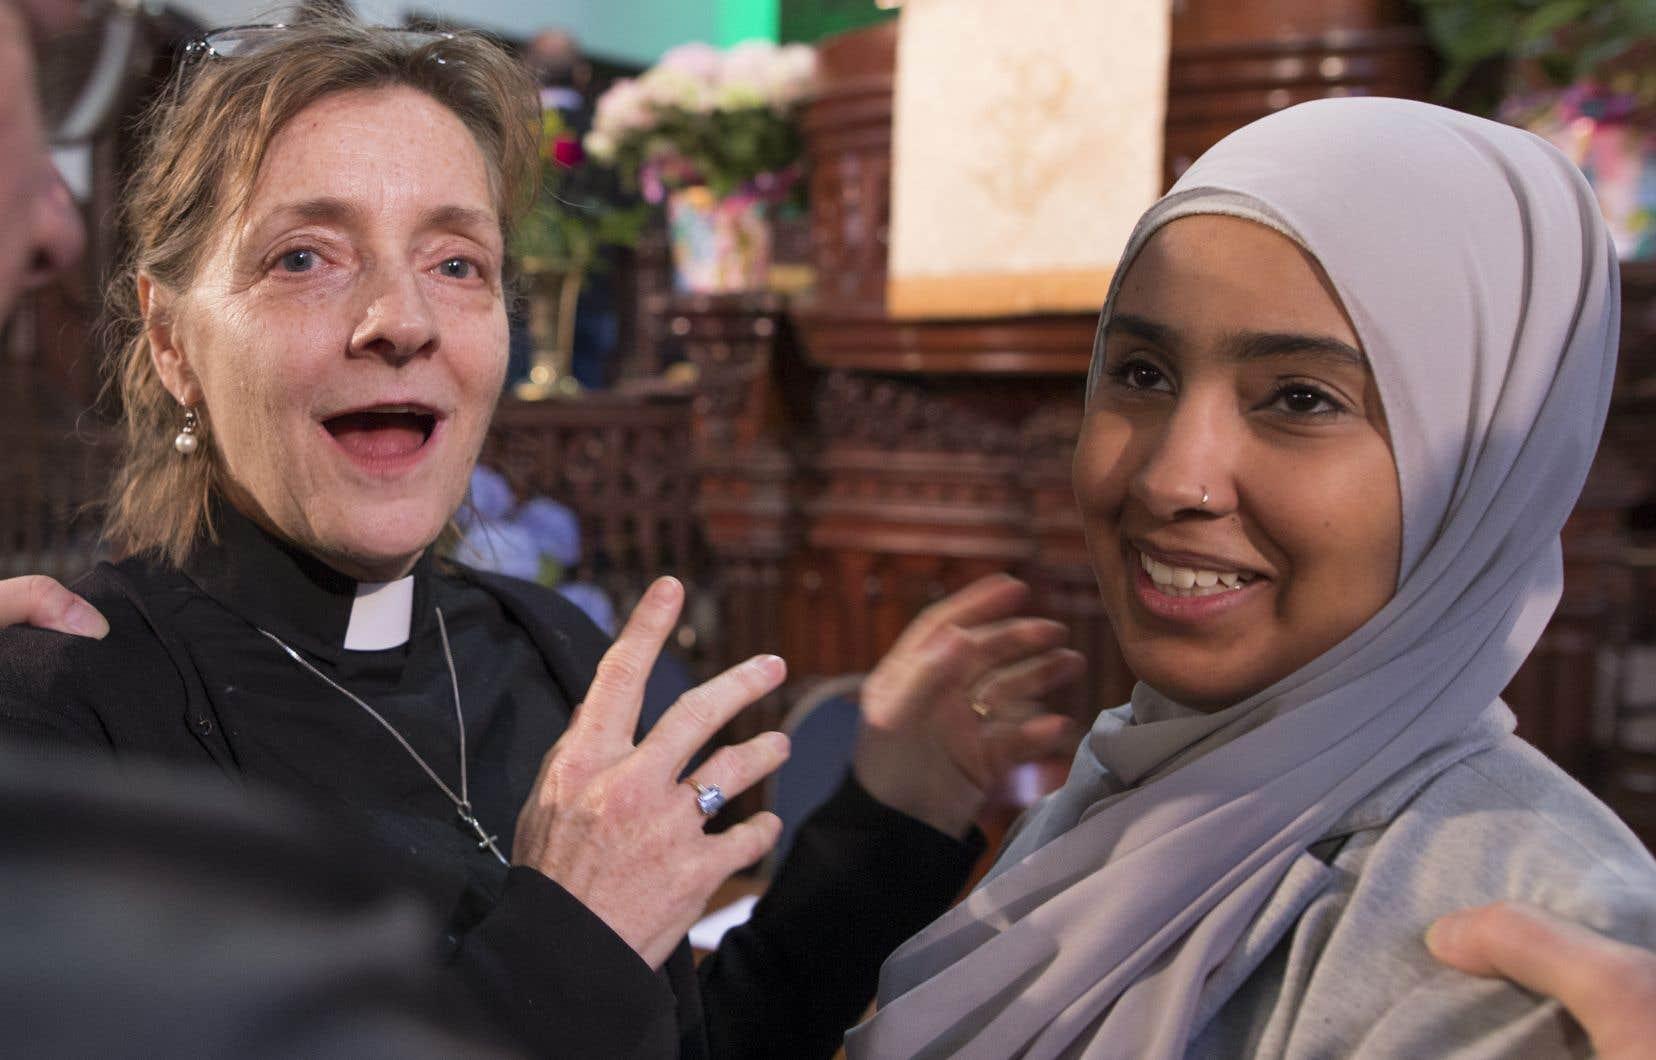 La porte-parole pour l'Église unie du Canada, Paula Kline,etSara Abou Bakr,du Conseil national des musulmans canadiens